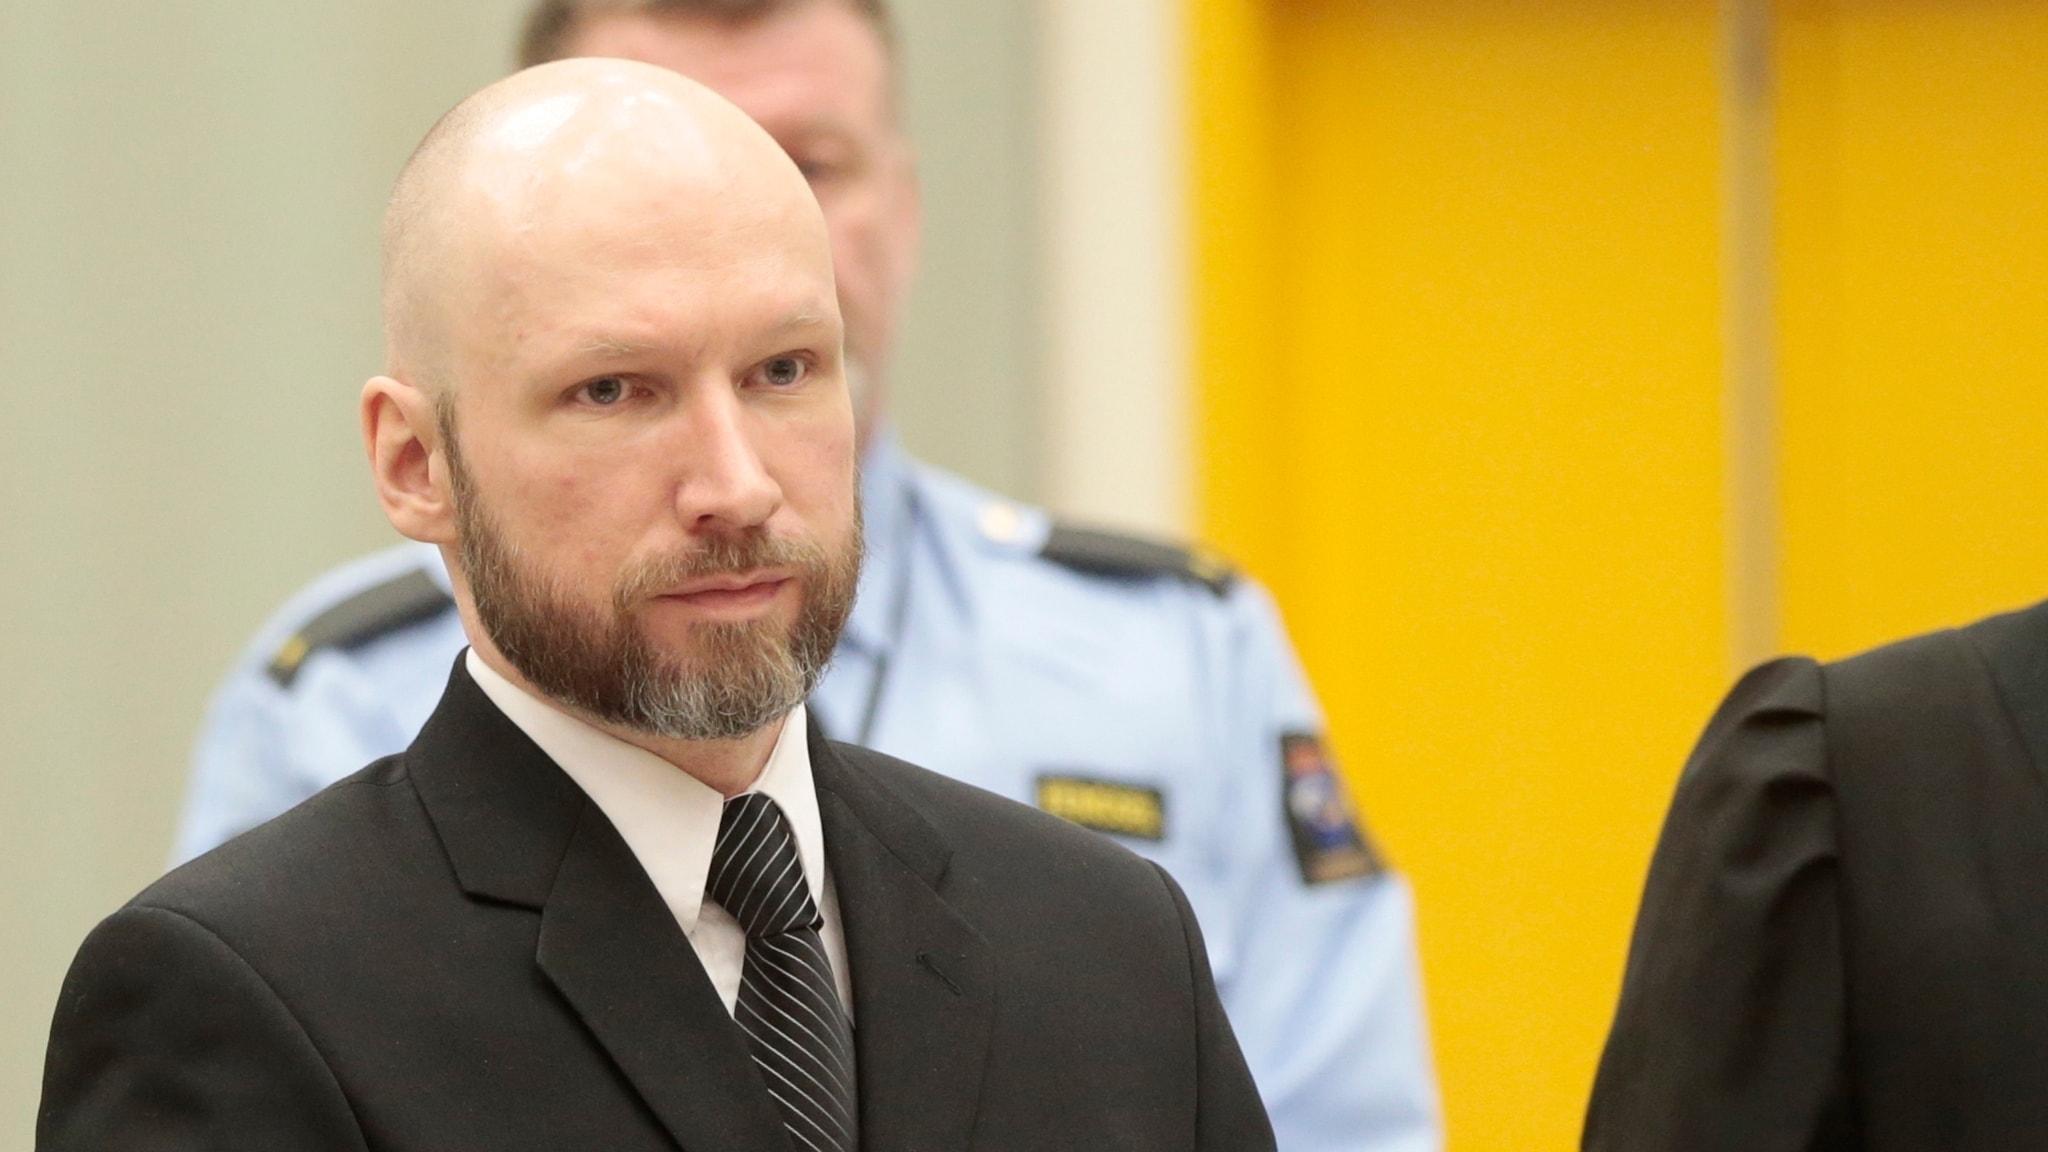 Breivik Photo: Anders Behring Breivik Behandlas Okej 1 Mars Kl 18:55